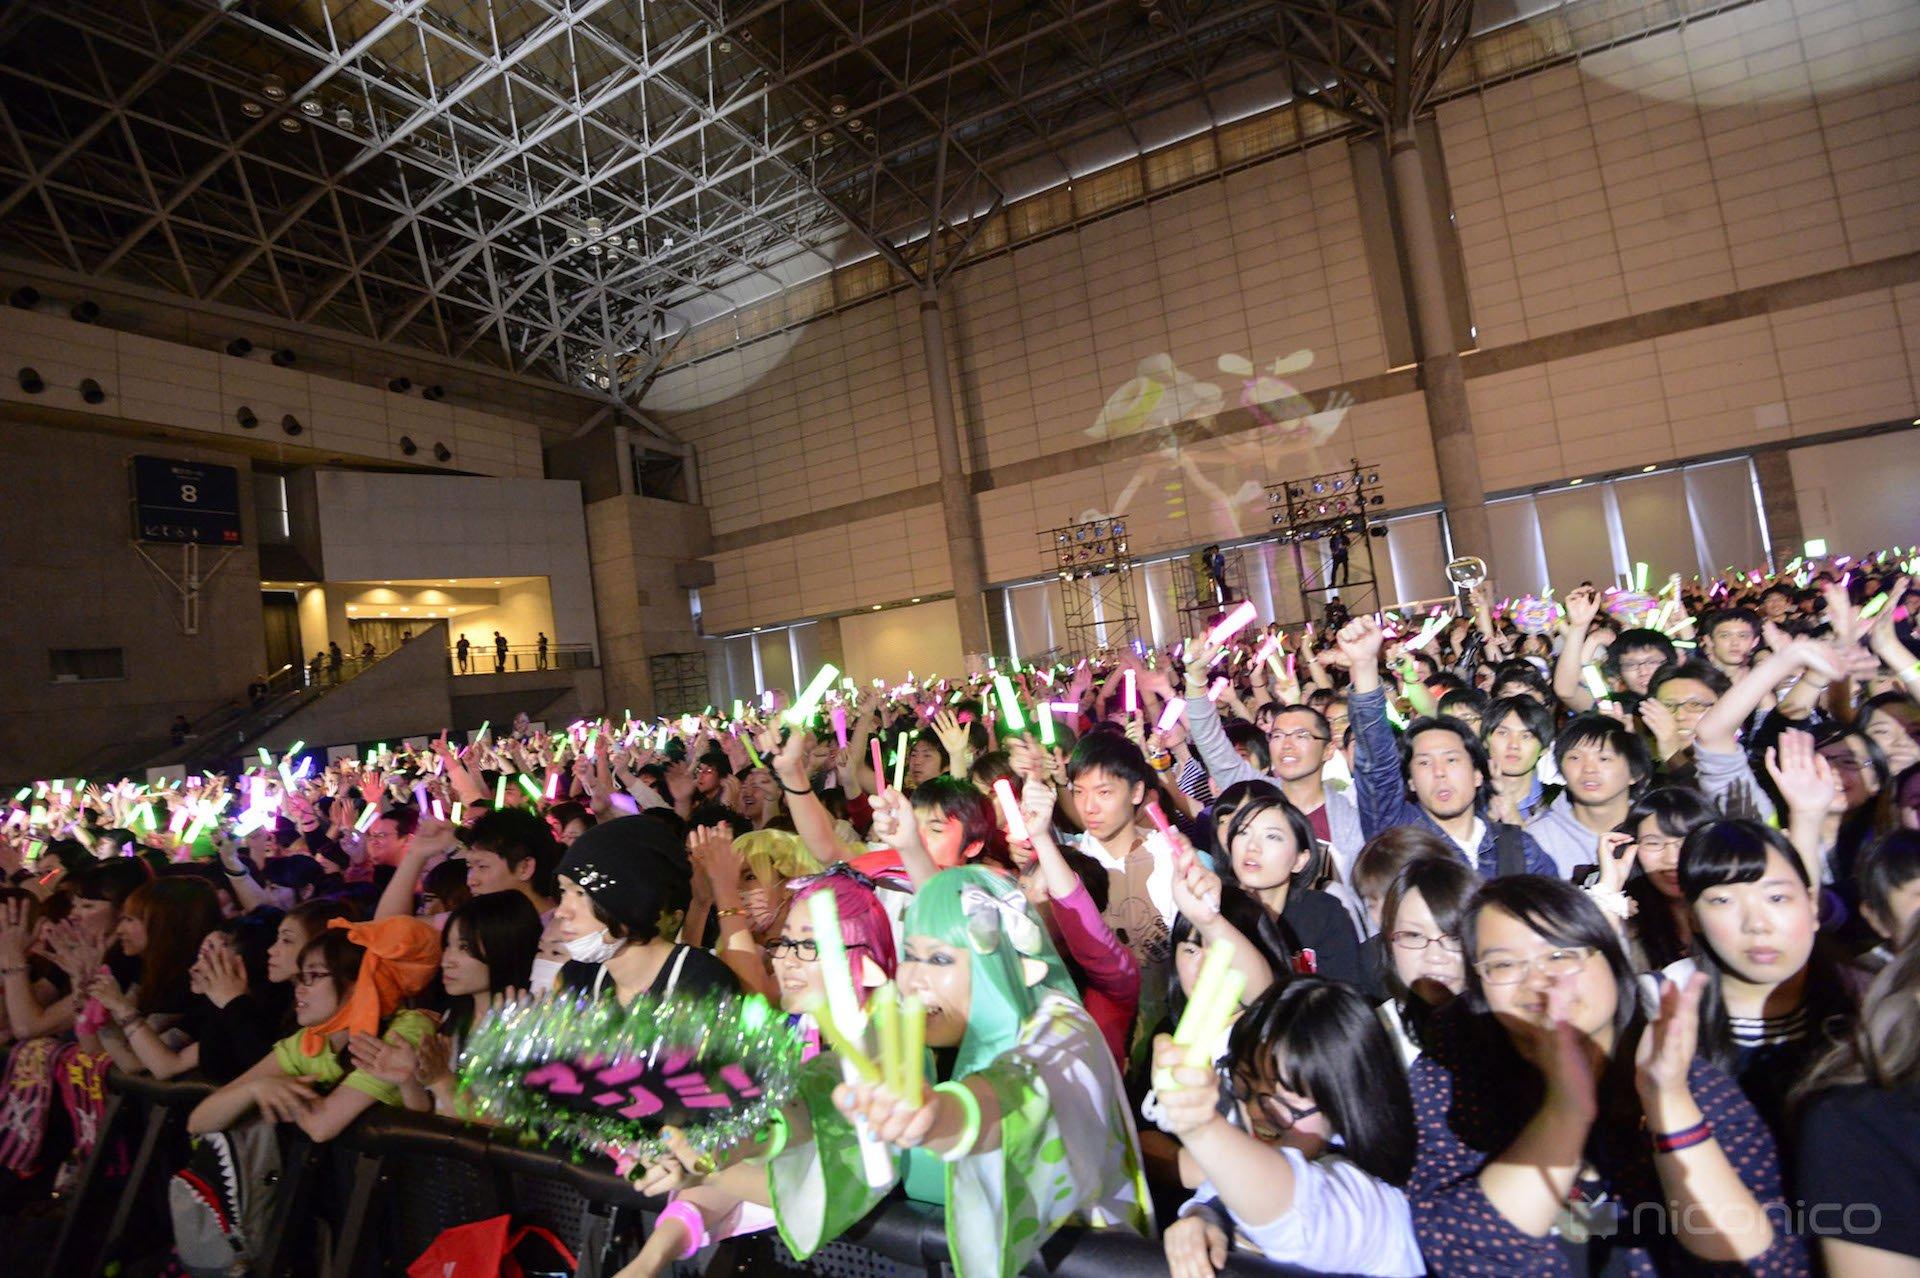 ニコニコ超会議2016「超音楽祭2016」でのシオカラーズライブ 4